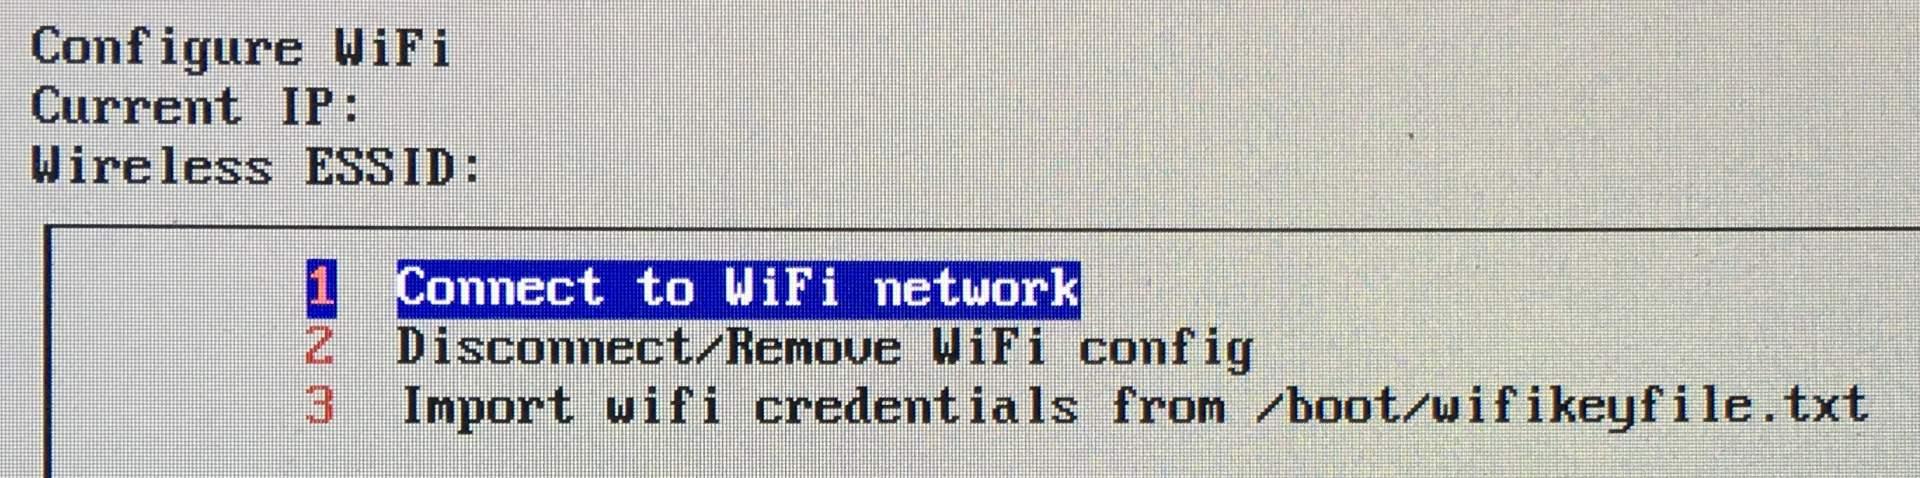 Wählt das WiFi-Netzwerk aus und gebt das Passwort ein.